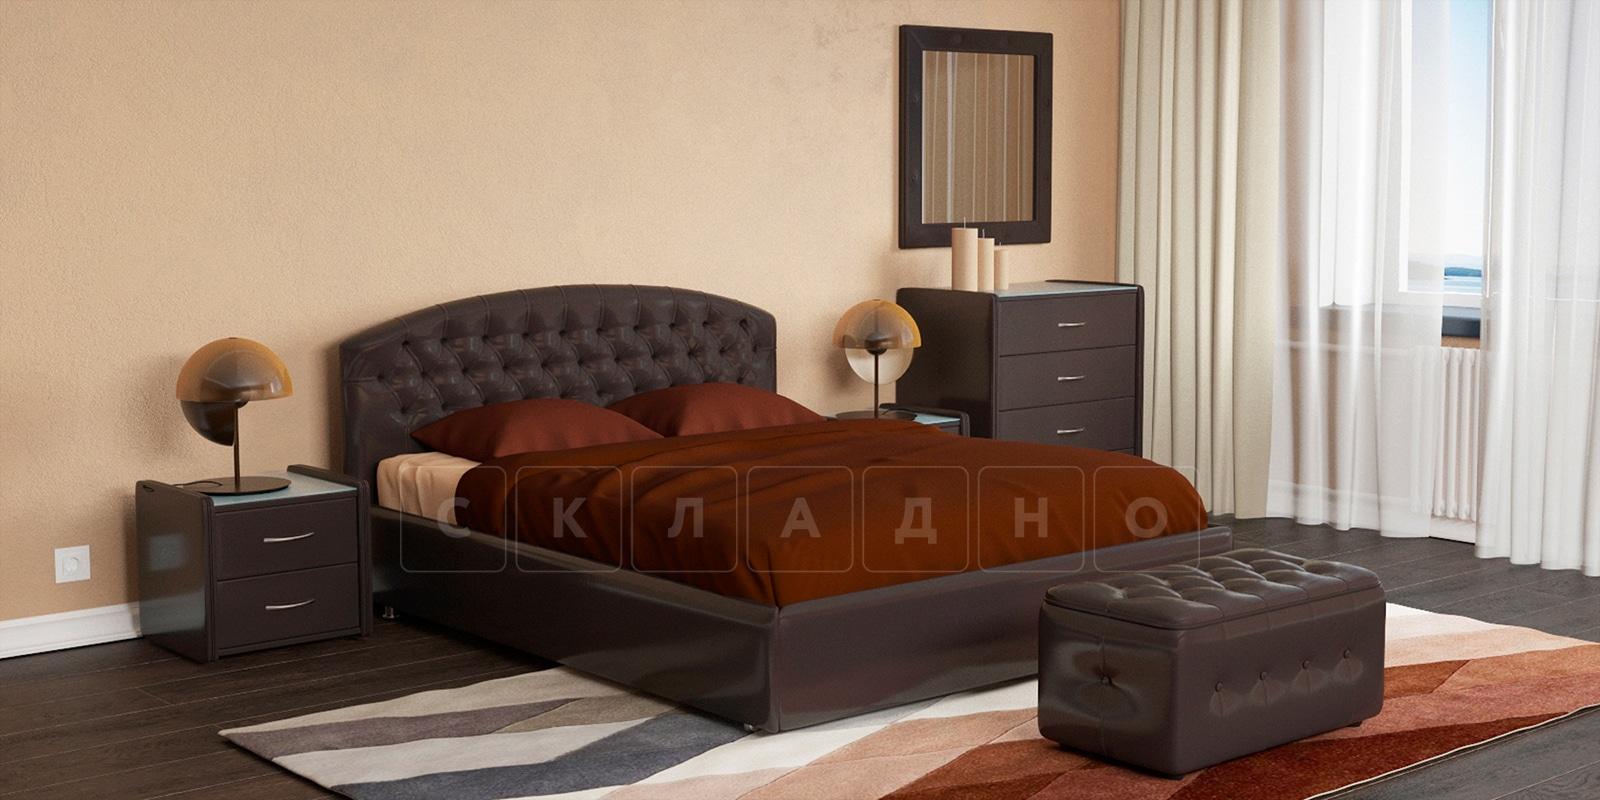 Мягкая кровать Малибу 160см экокожа шоколадного цвета вариант 1-2 фото 1 | интернет-магазин Складно